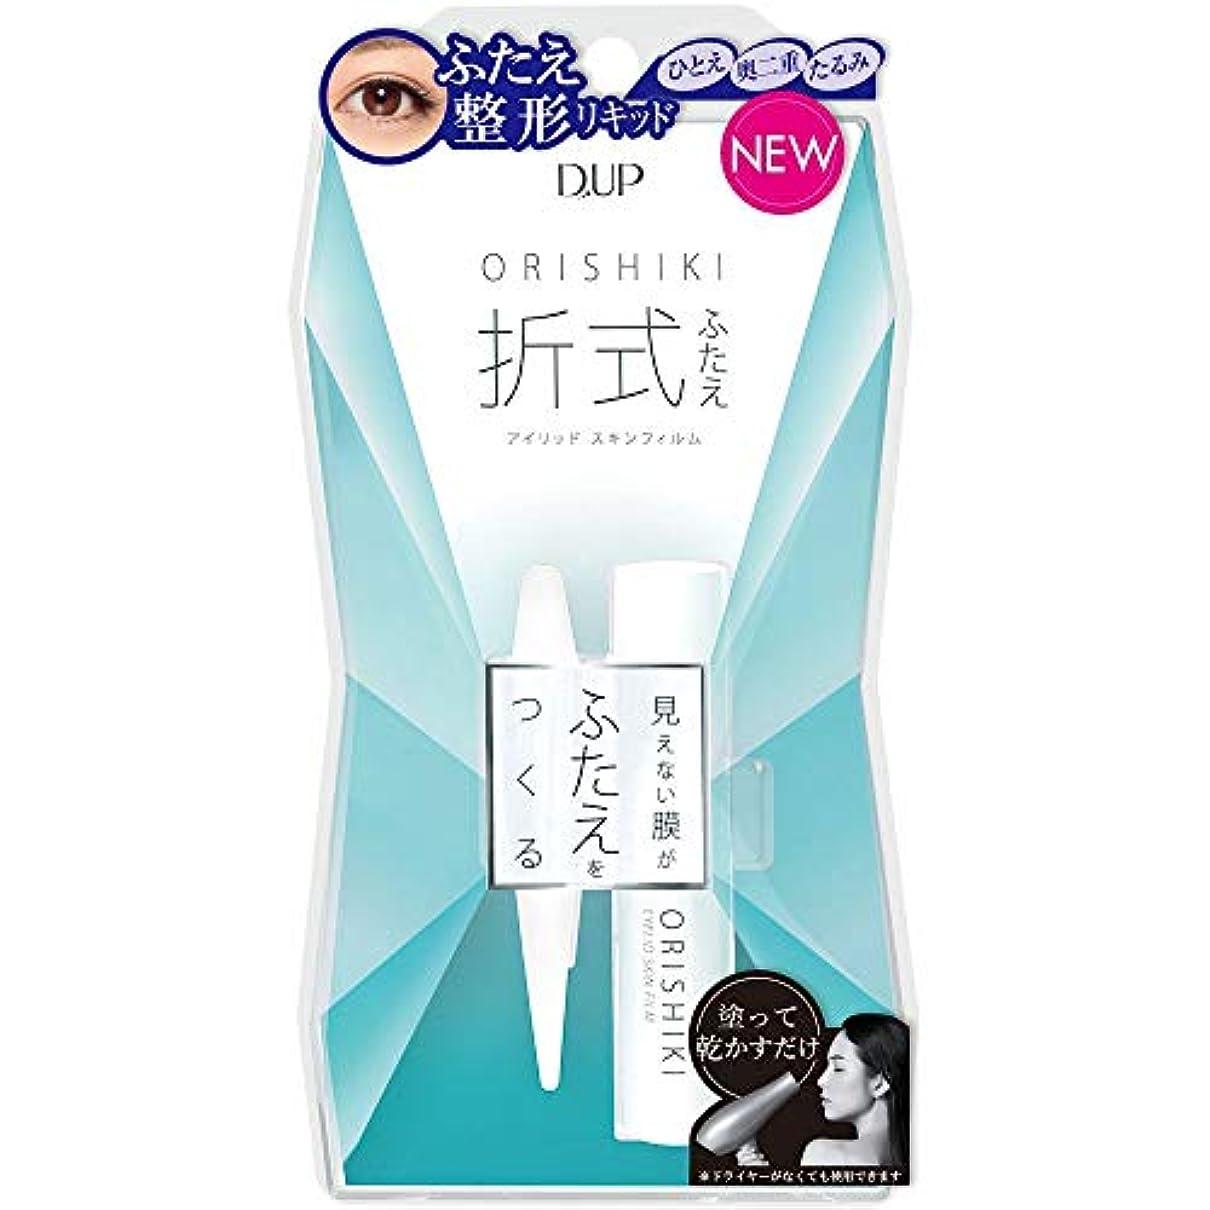 謙虚トラフ汚染するD-UP オリシキ アイリッドスキンフィルム (4mL)